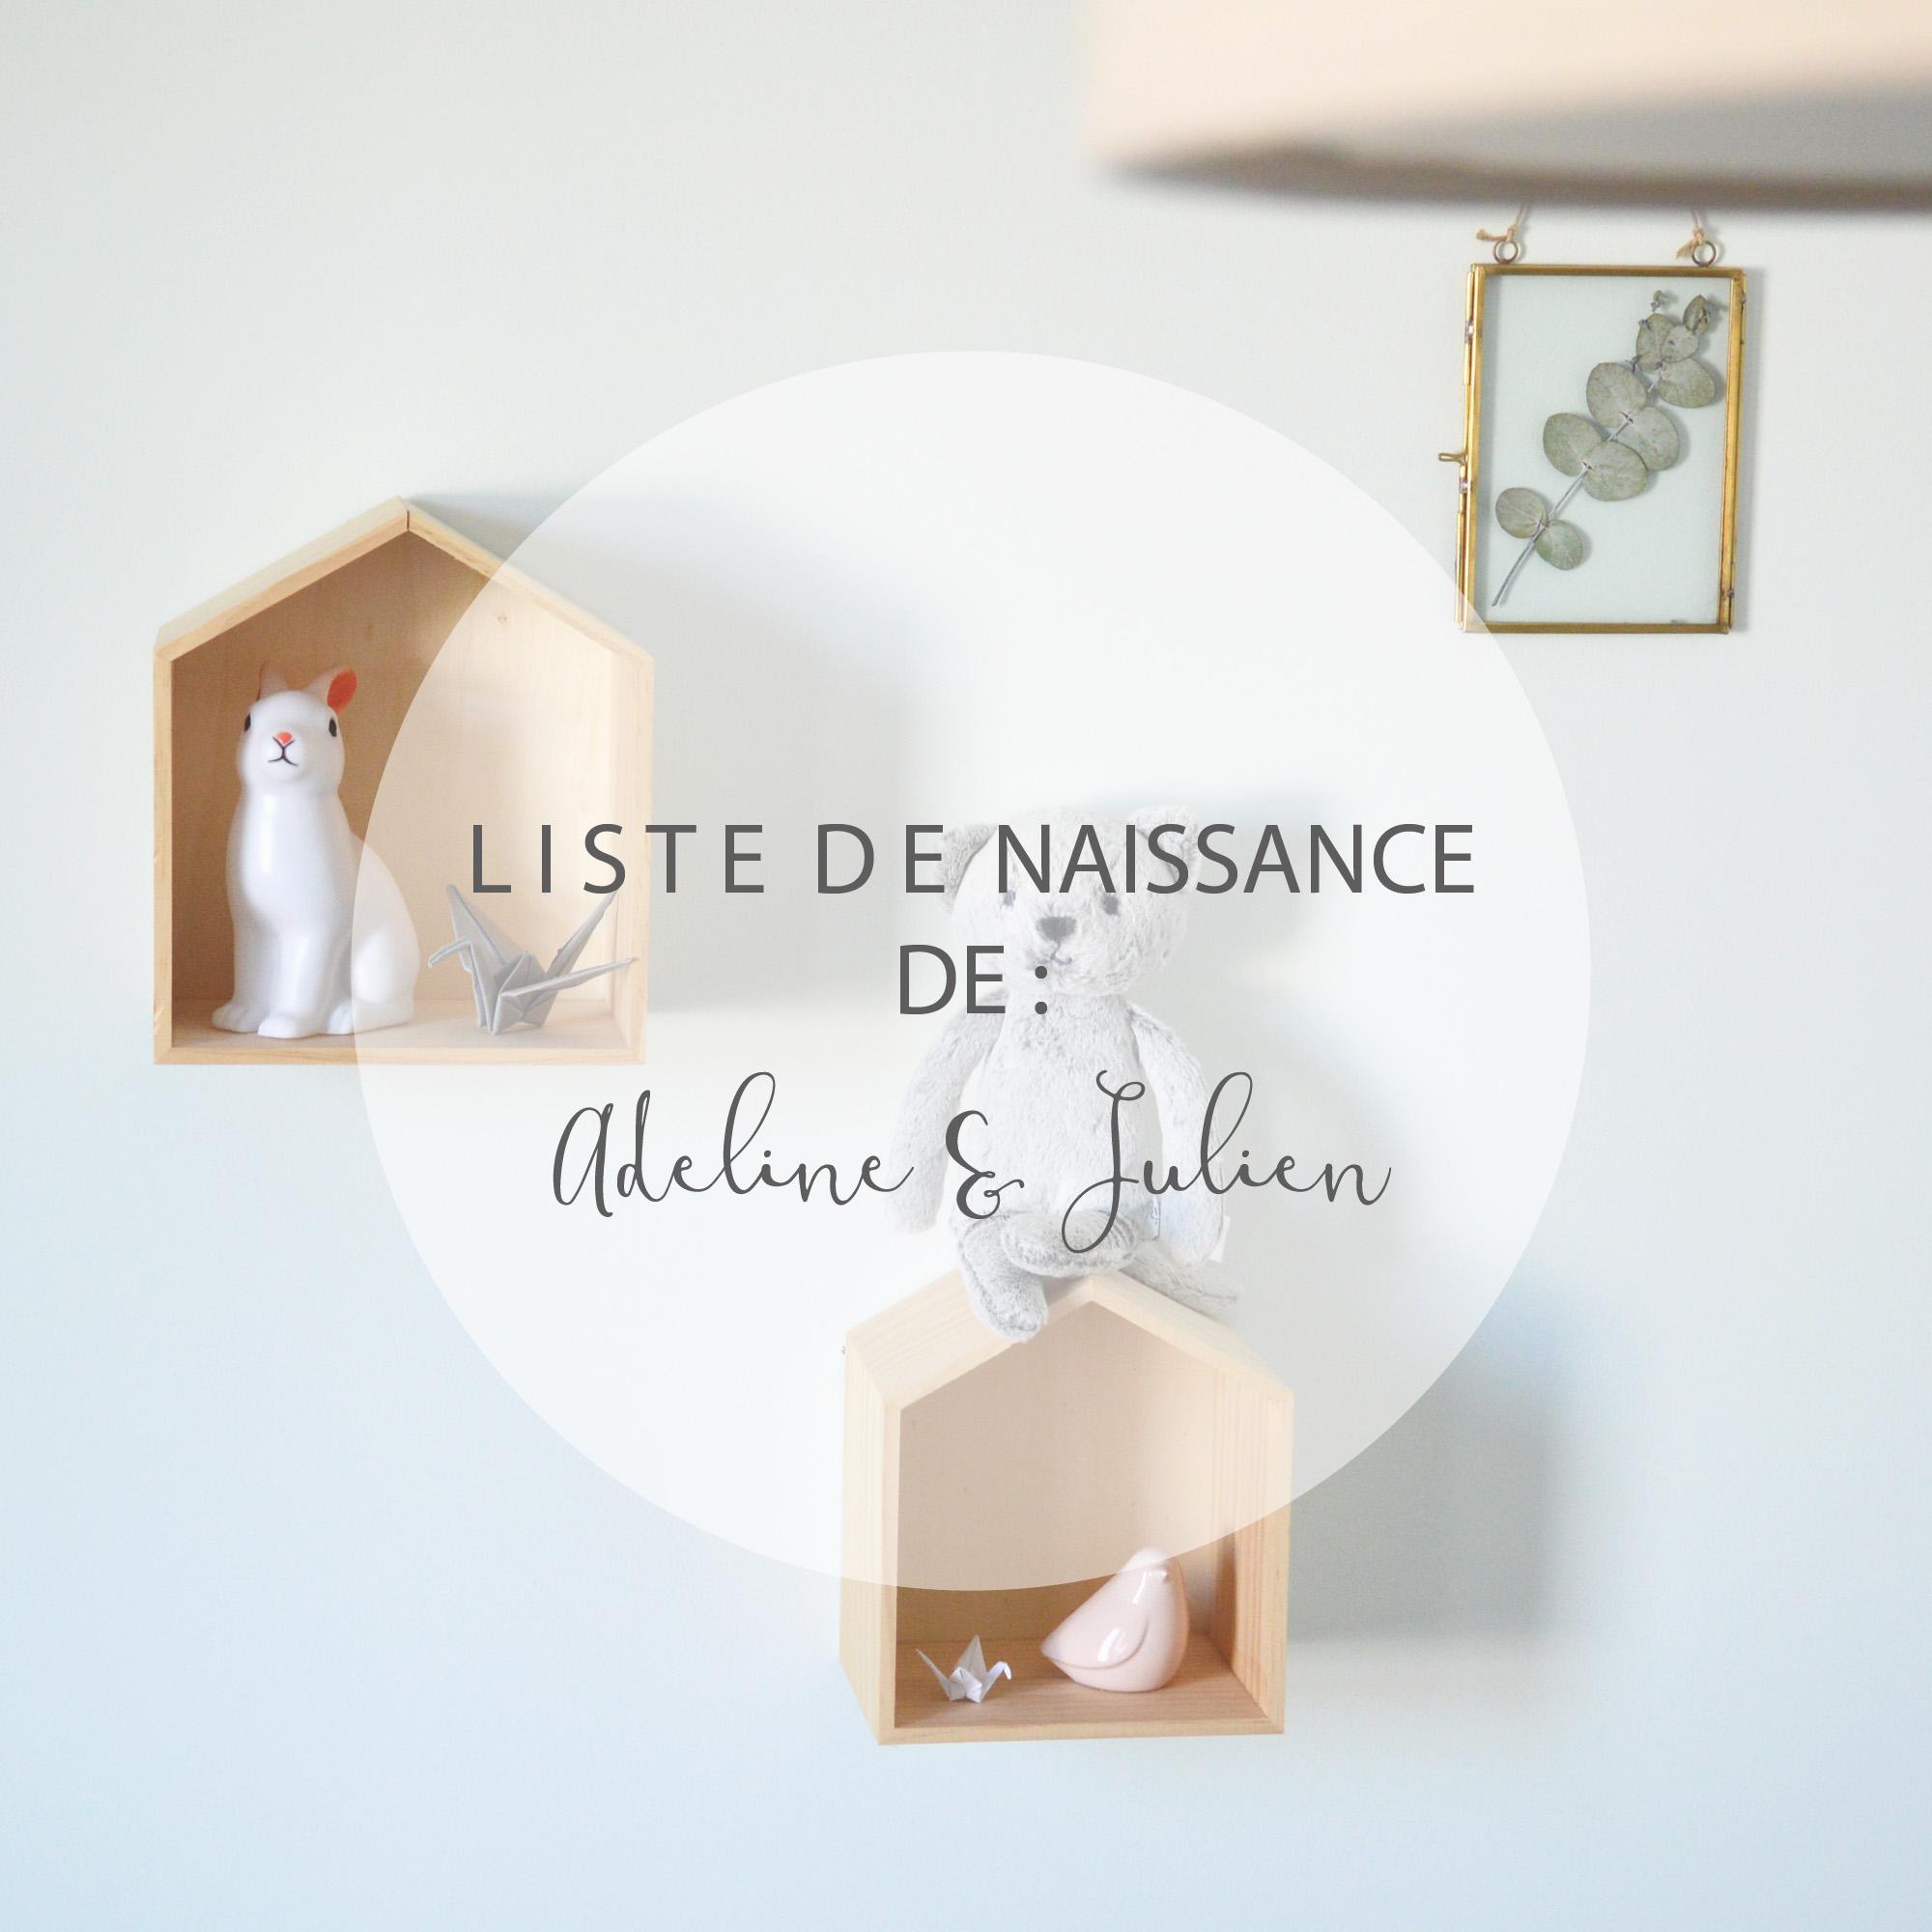 Au reve eveillé – Liste de naissance Adeline et Julien